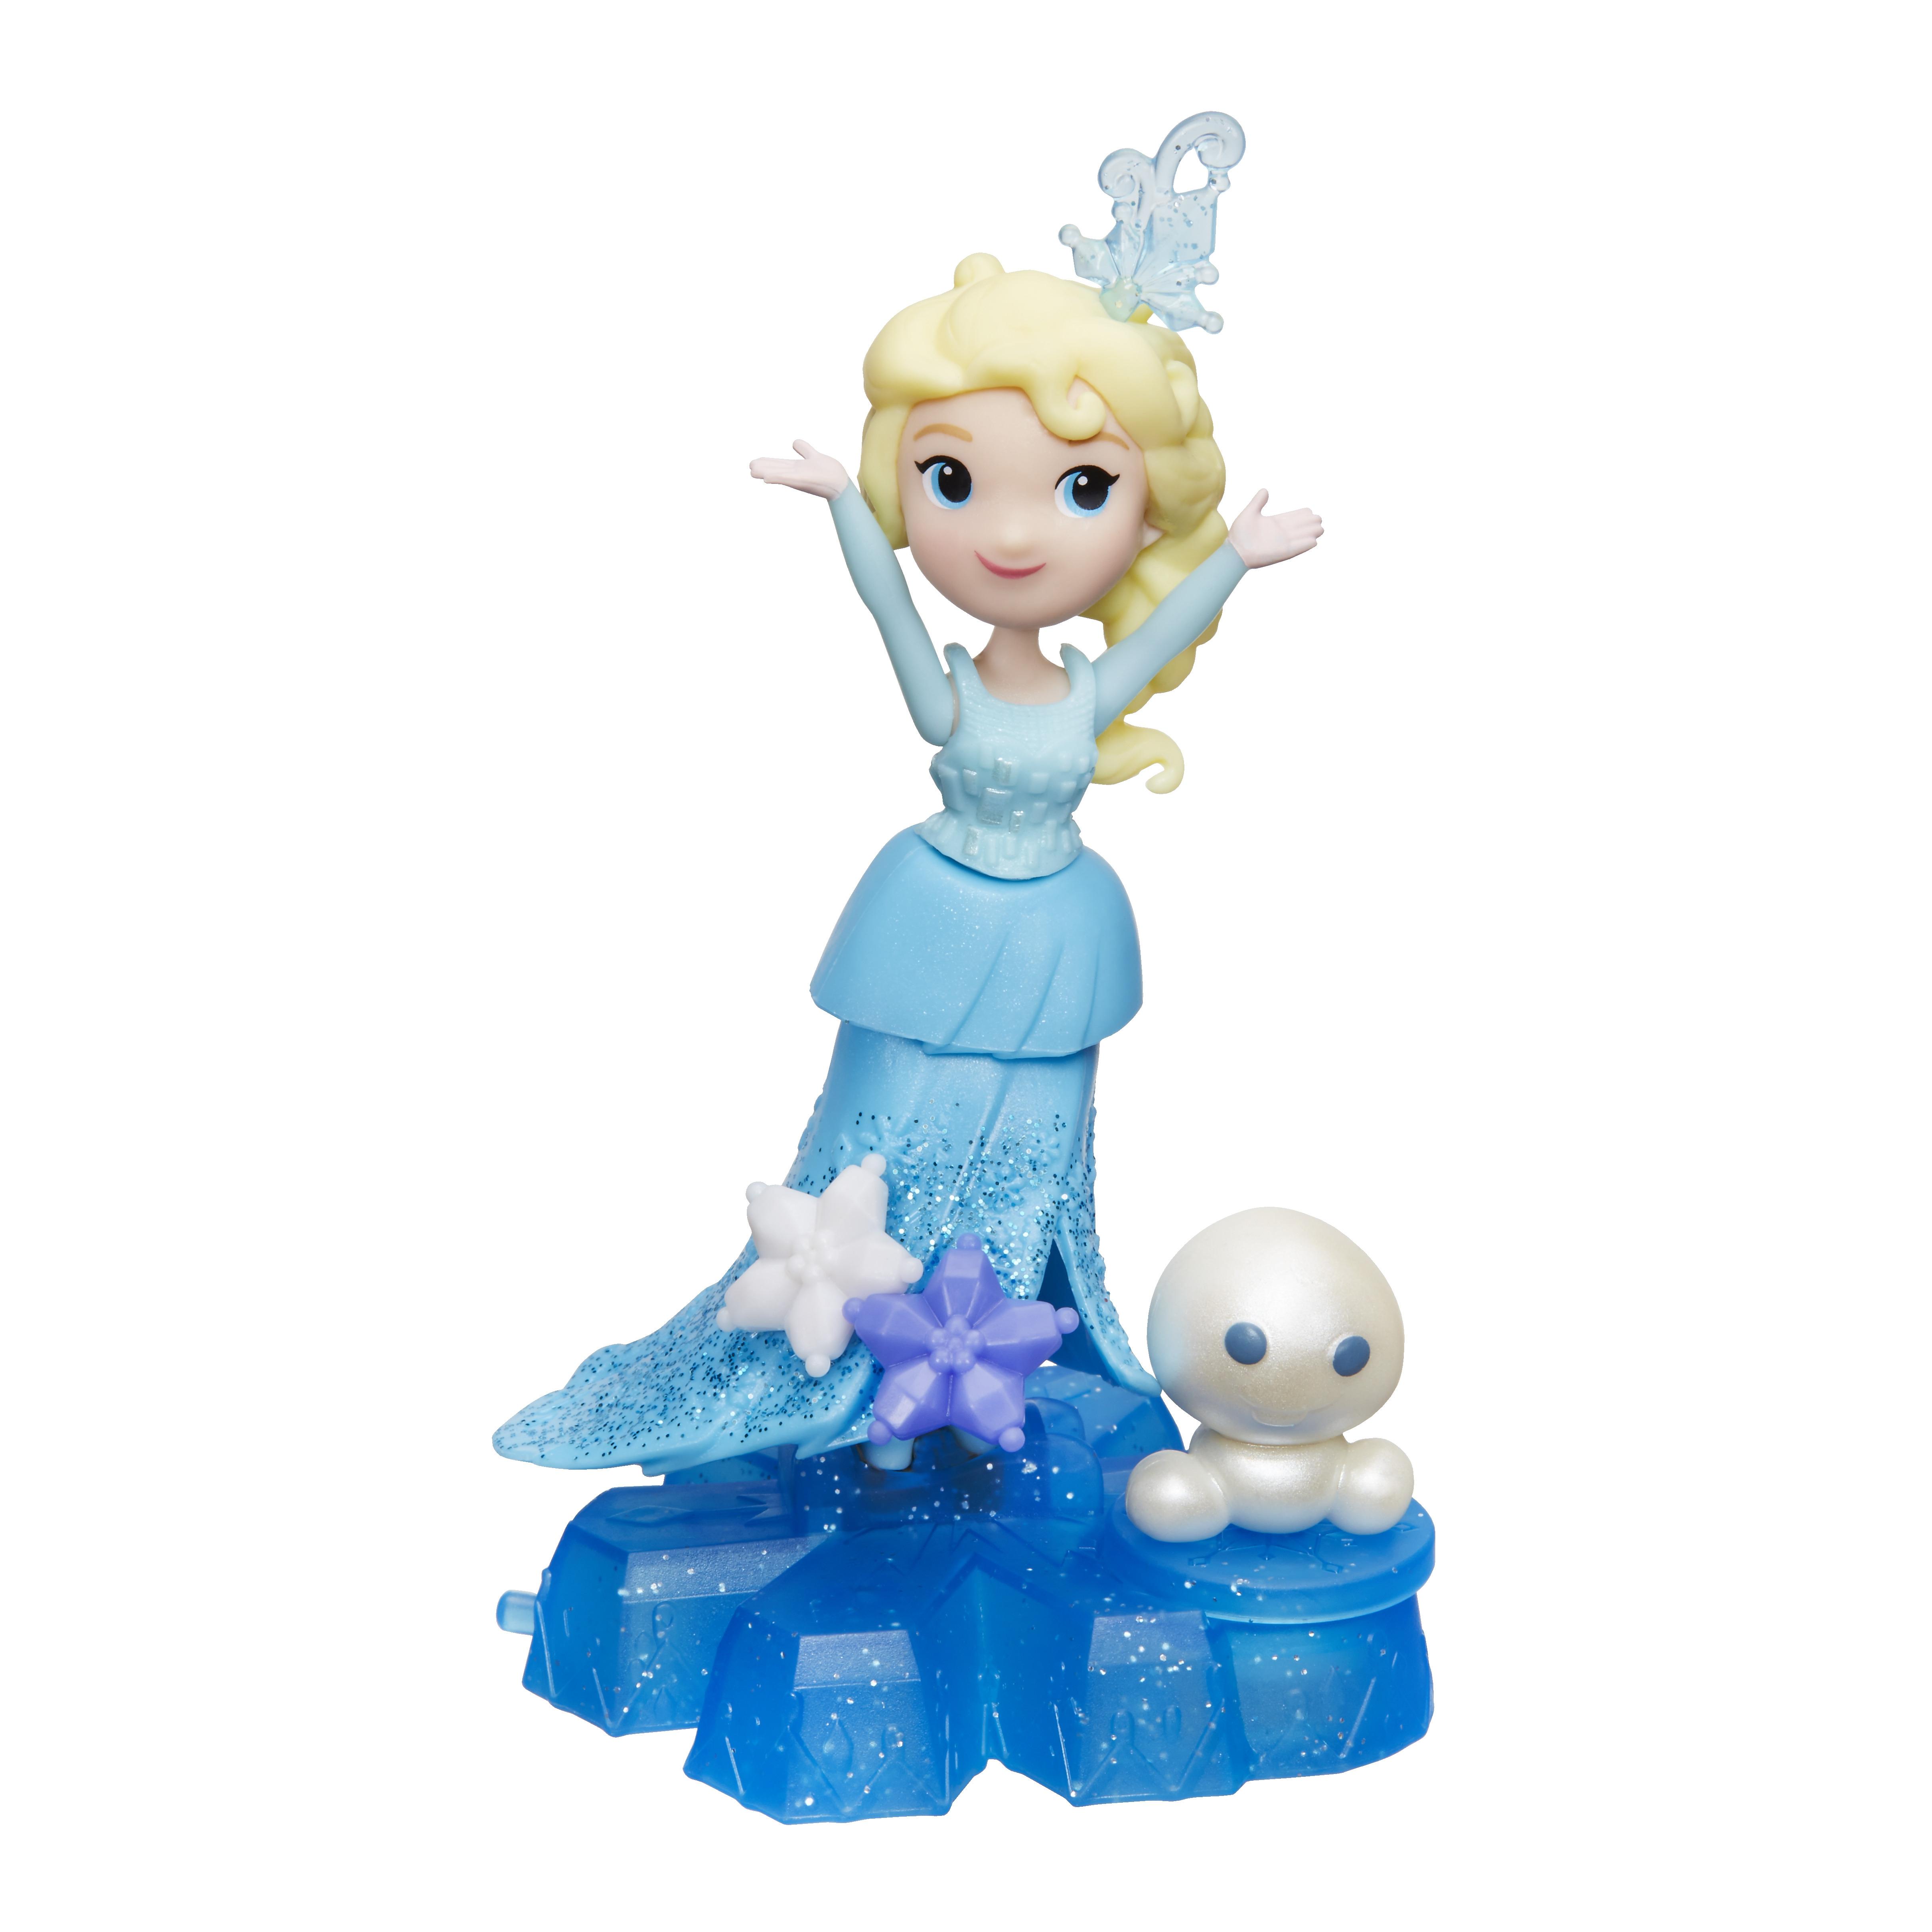 Другие куклы Disney Frozen Холодное сердце на движущейся платформе-снежинке игрушка hasbro disney princess холодное сердце маленькая кукла на движущейся платформе снежинке b9249